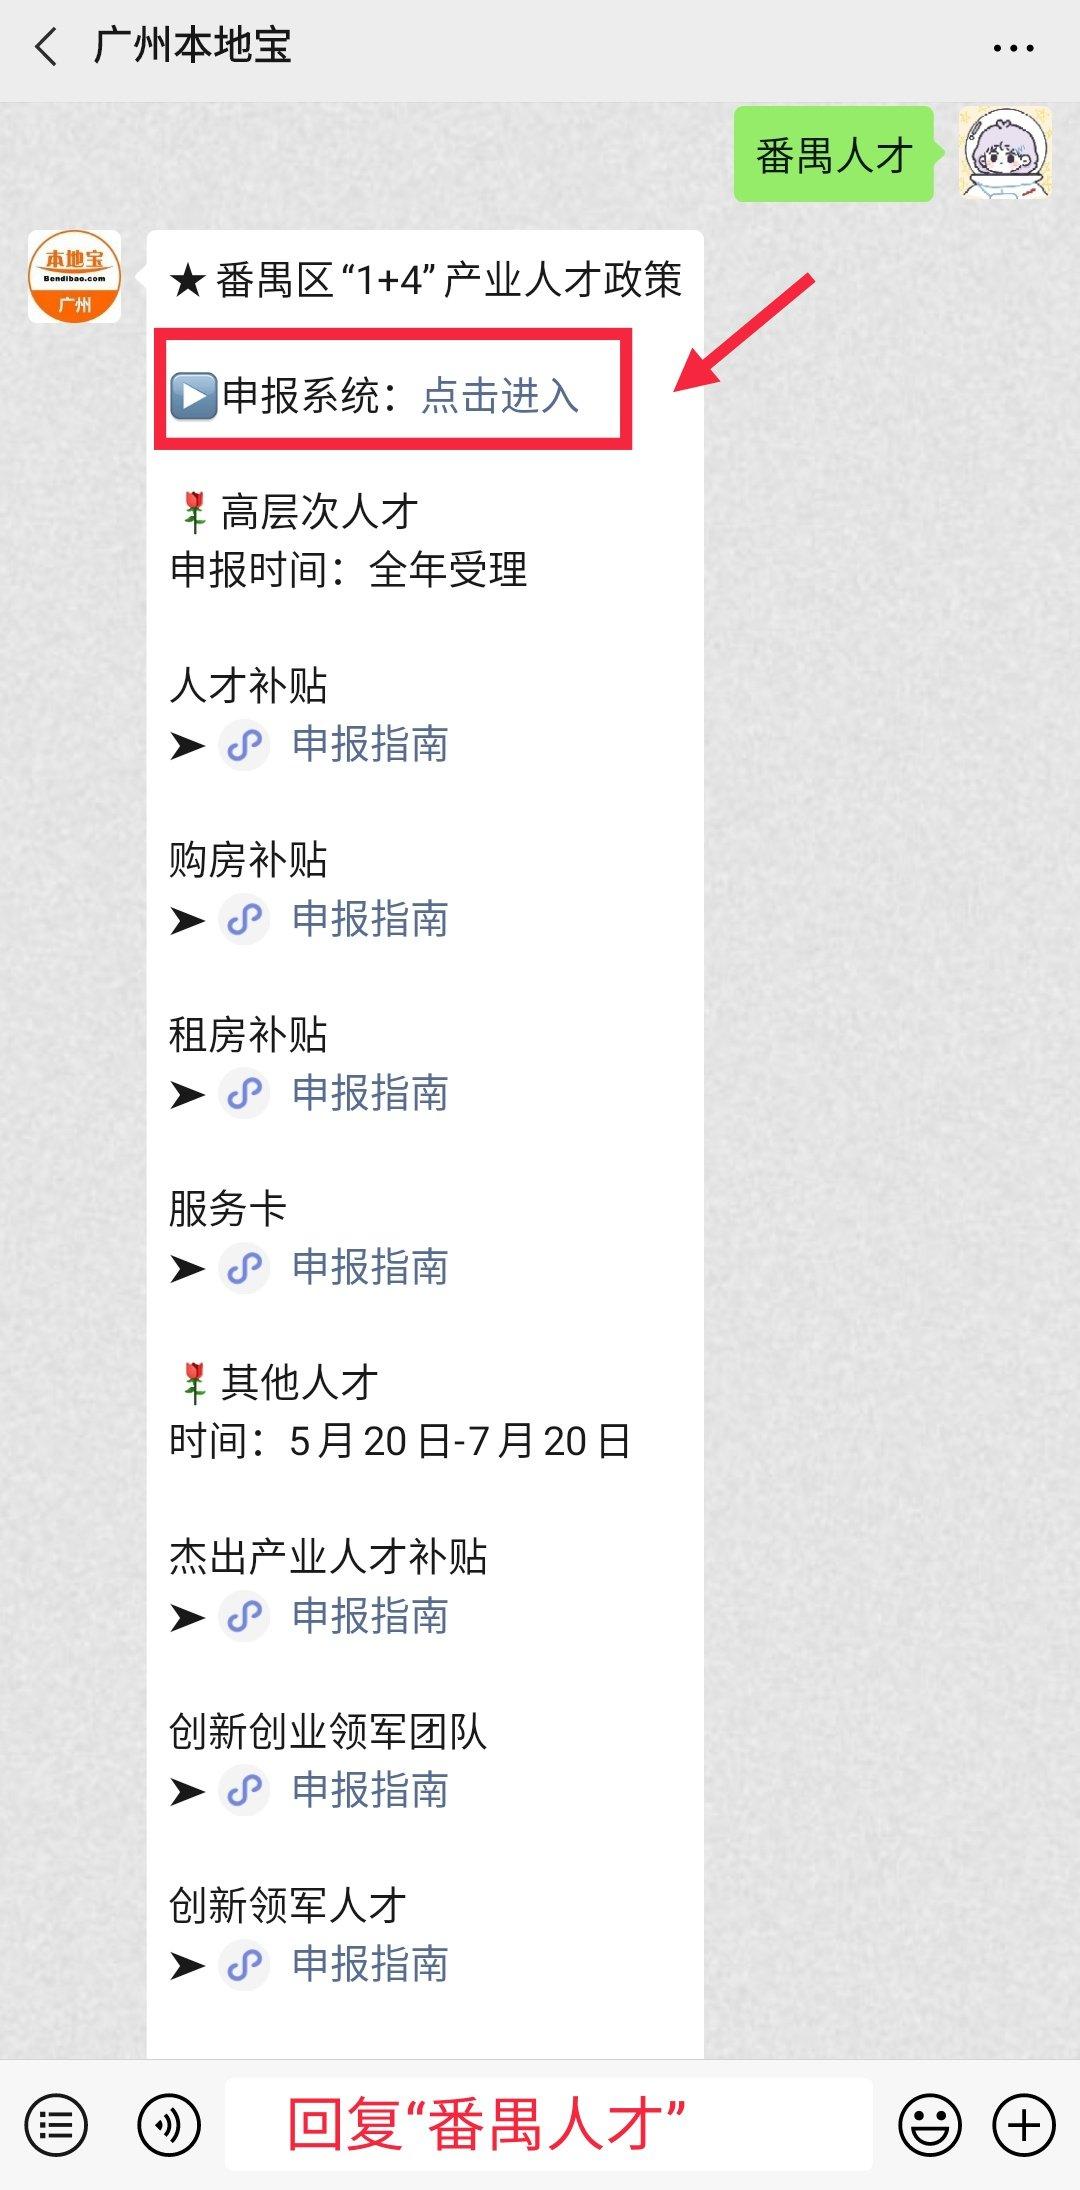 广州代理工商执照广州番禺区2020年创新创业服务领军人才申报流程